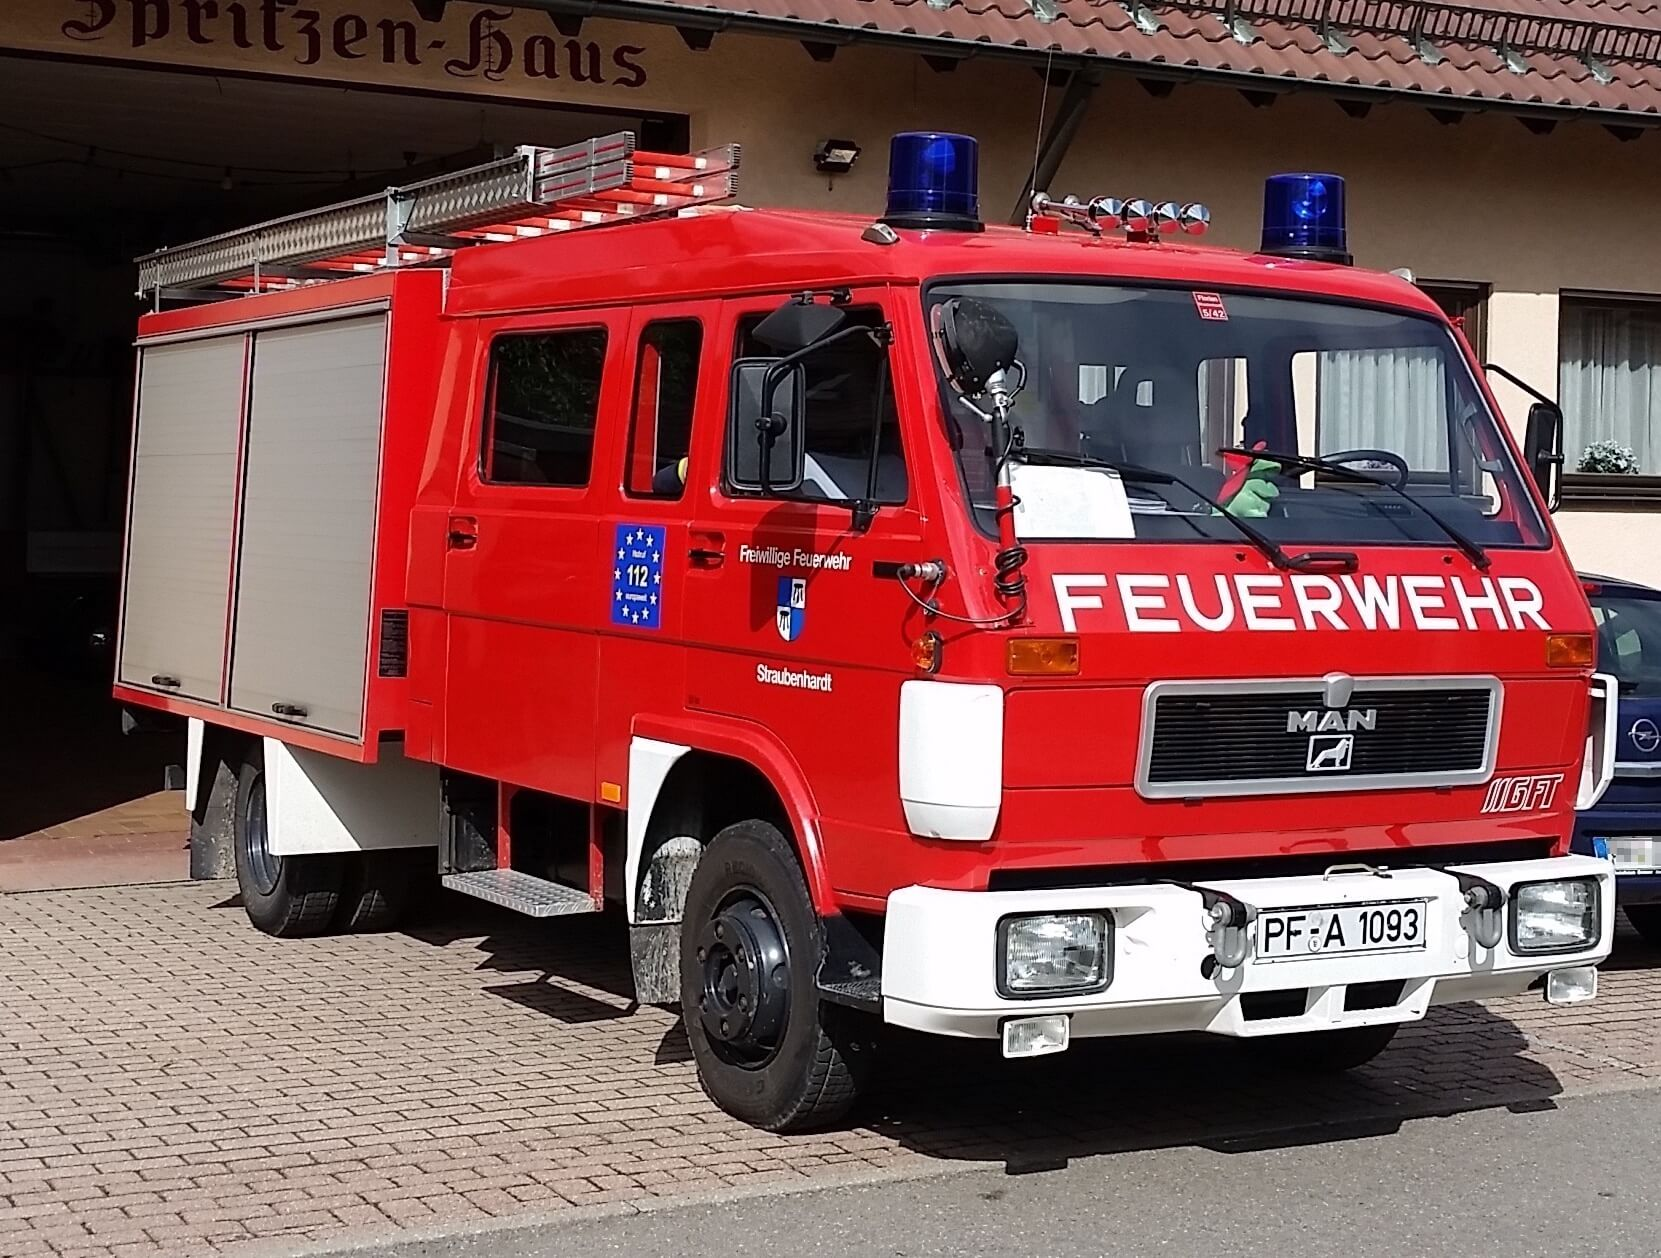 LFPfinzweiler